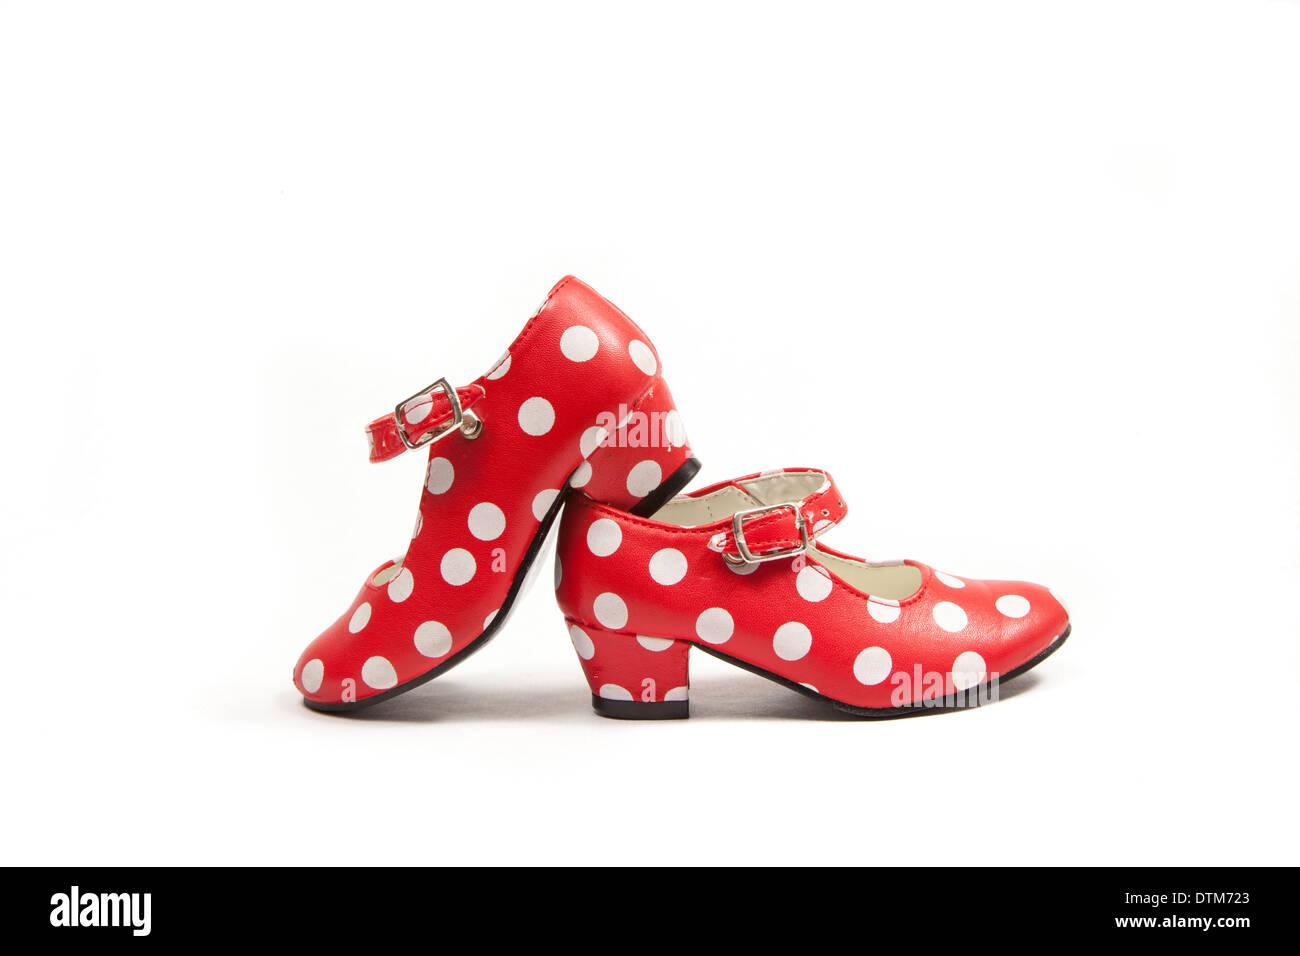 Deux chaussures de danse flamenco utilisé à pois. Photo Stock